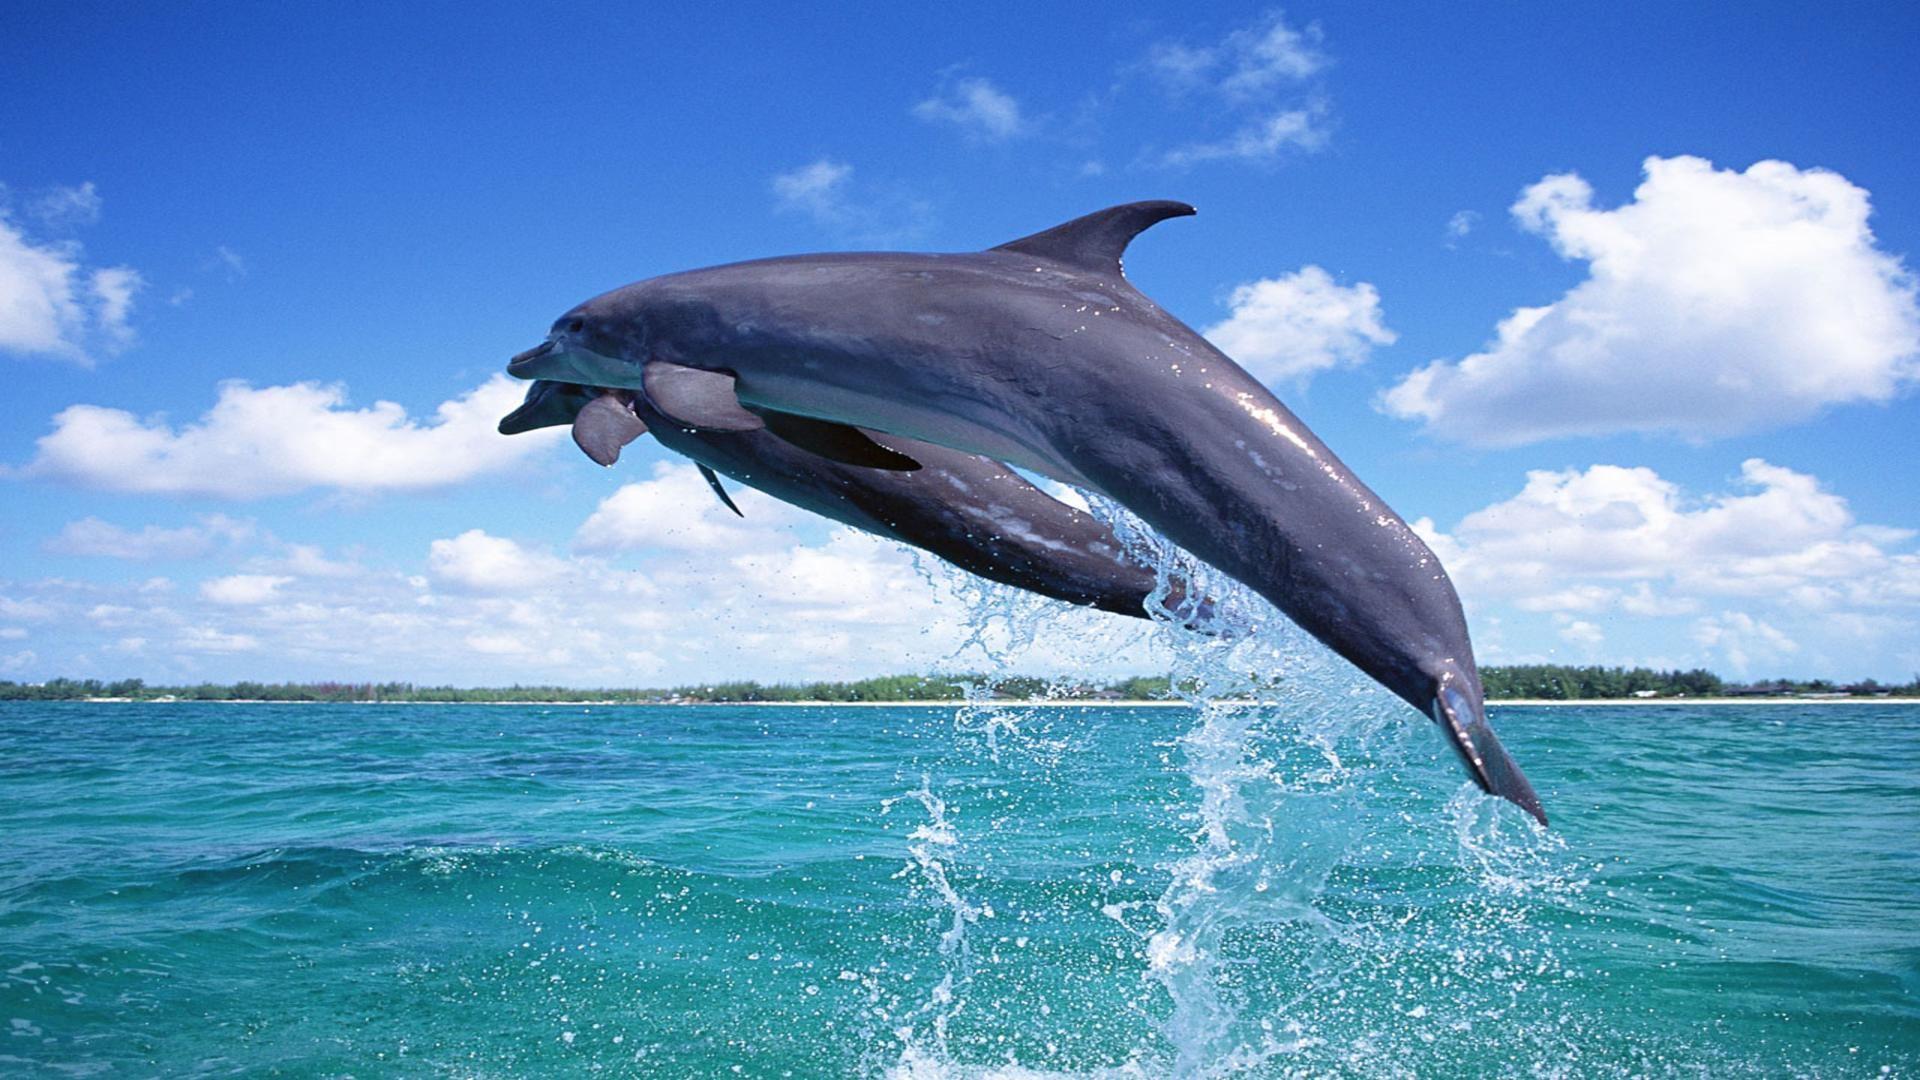 обои широкоформатные на рабочий стол бесплатно море и дельфины № 217021 бесплатно